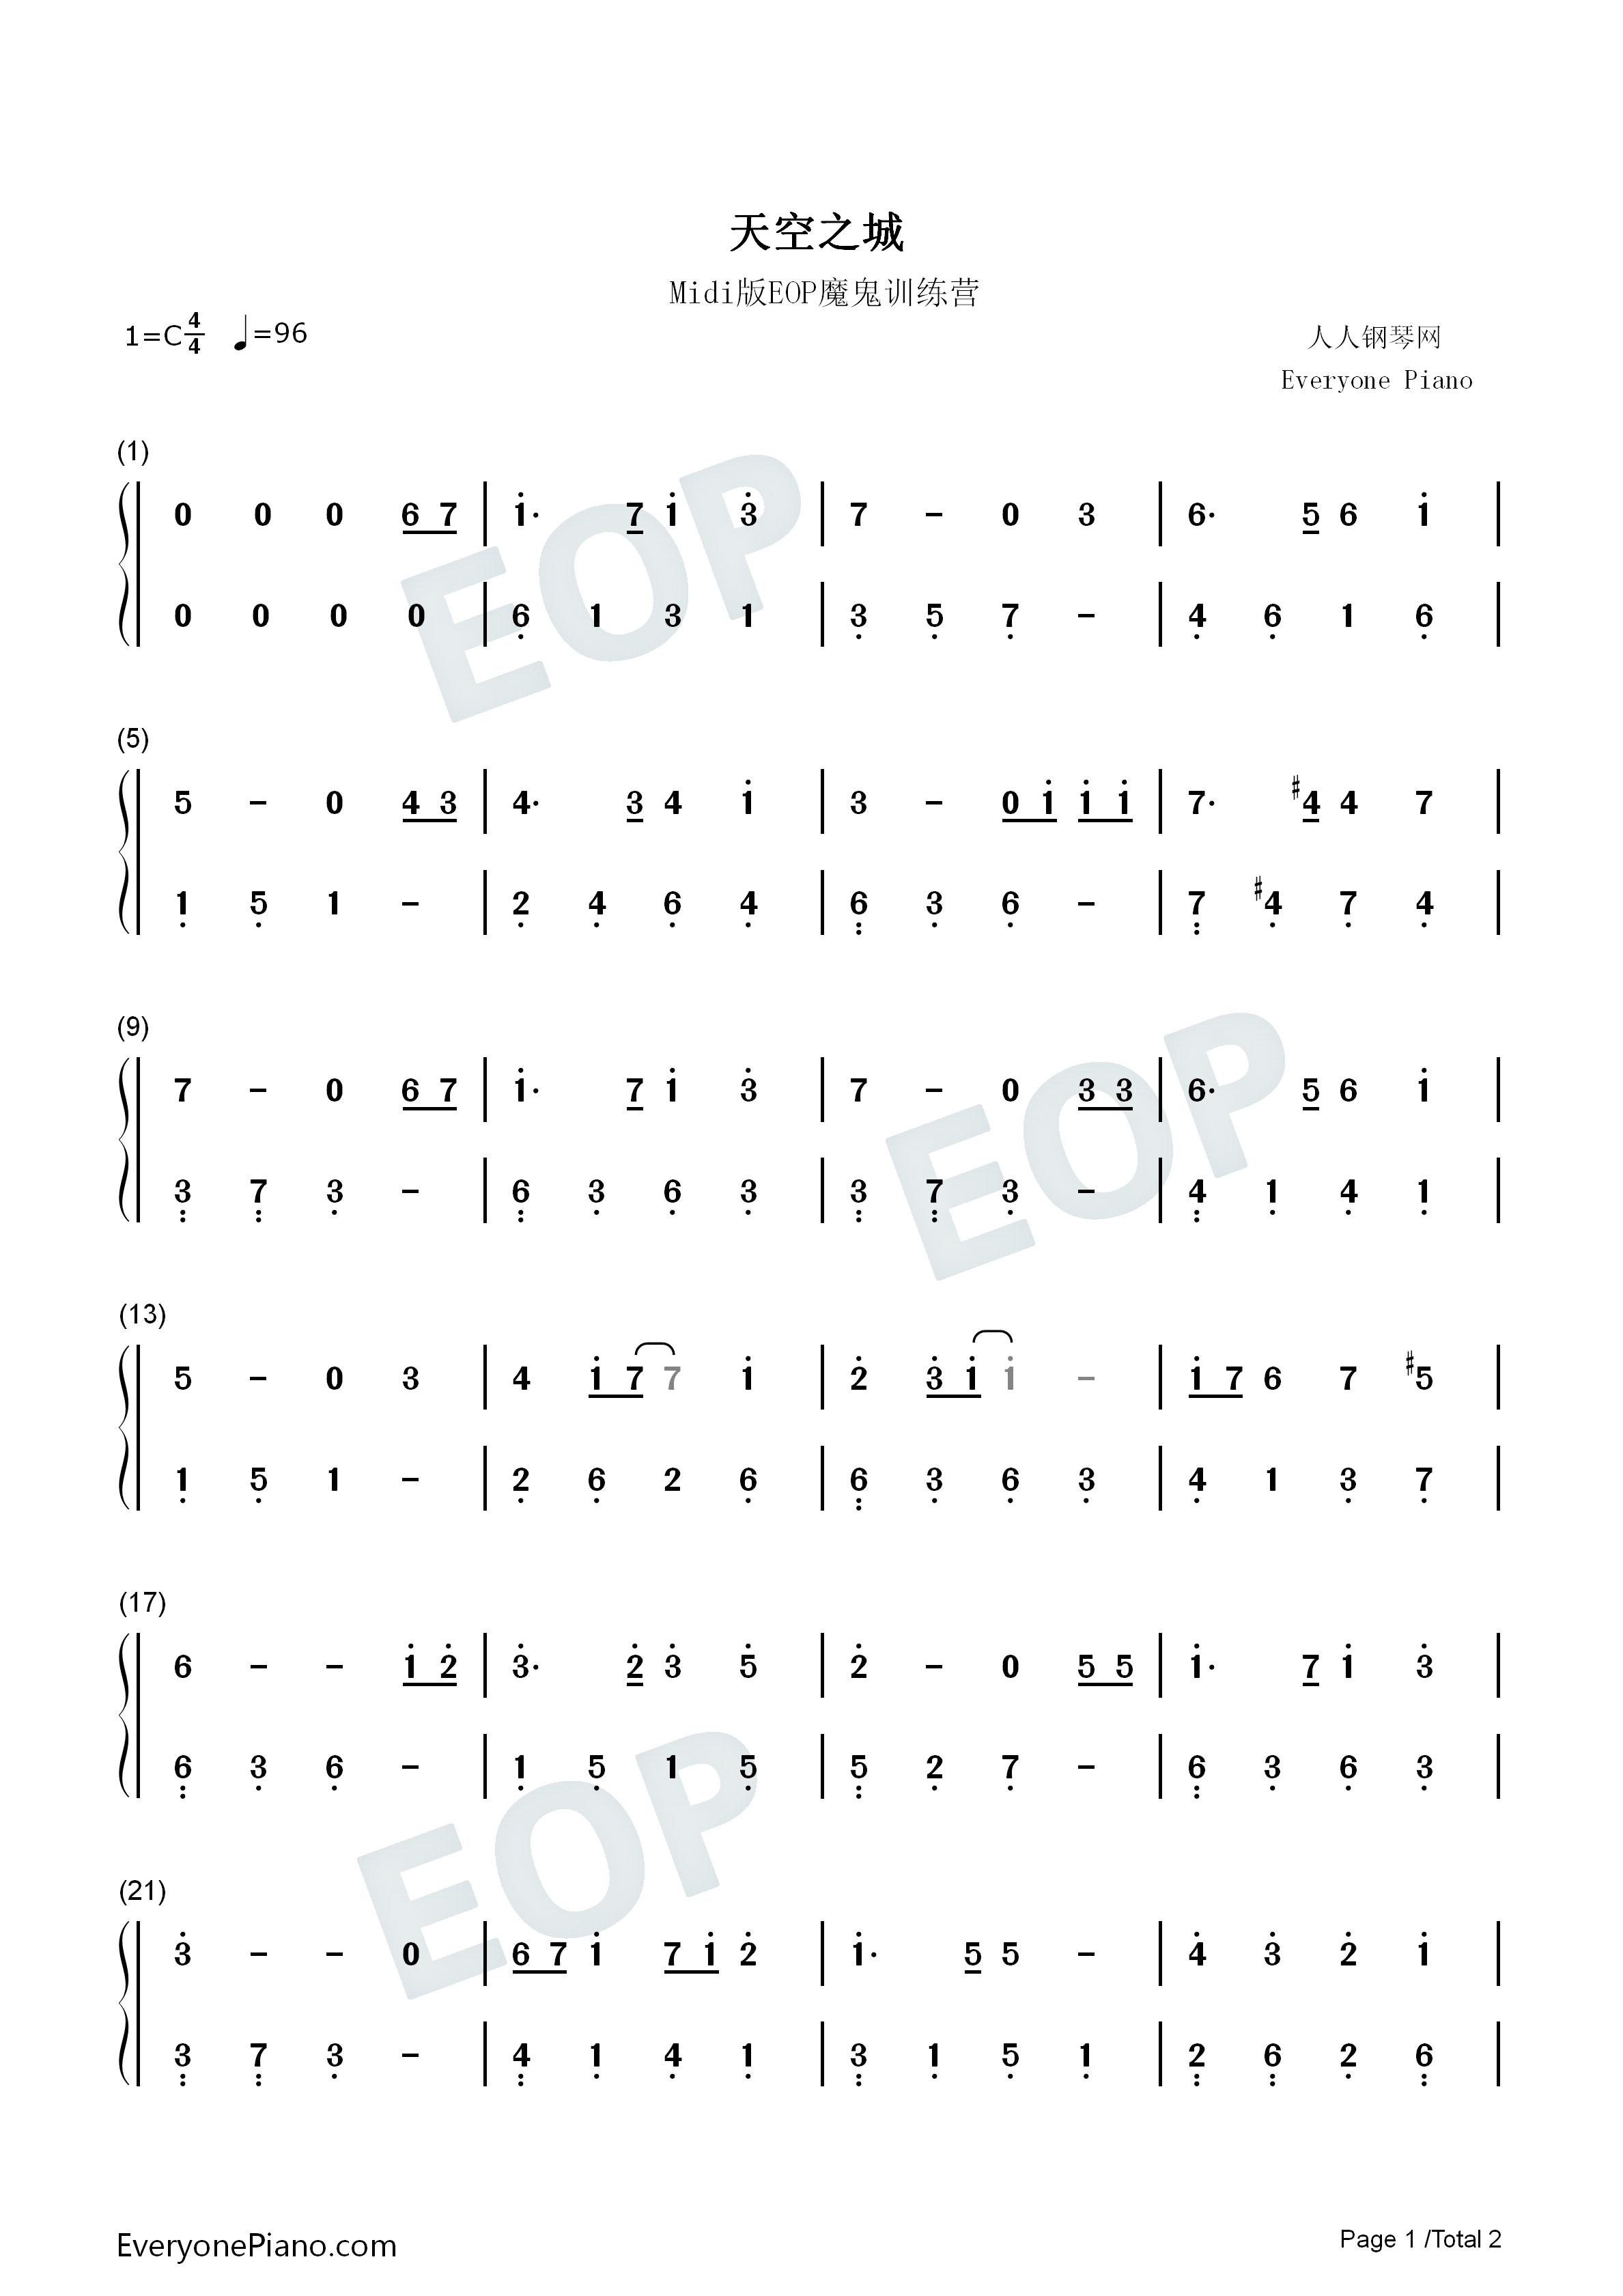 钢琴曲谱 动漫 天空之城-简单版 天空之城-简单版双手简谱预览1  }